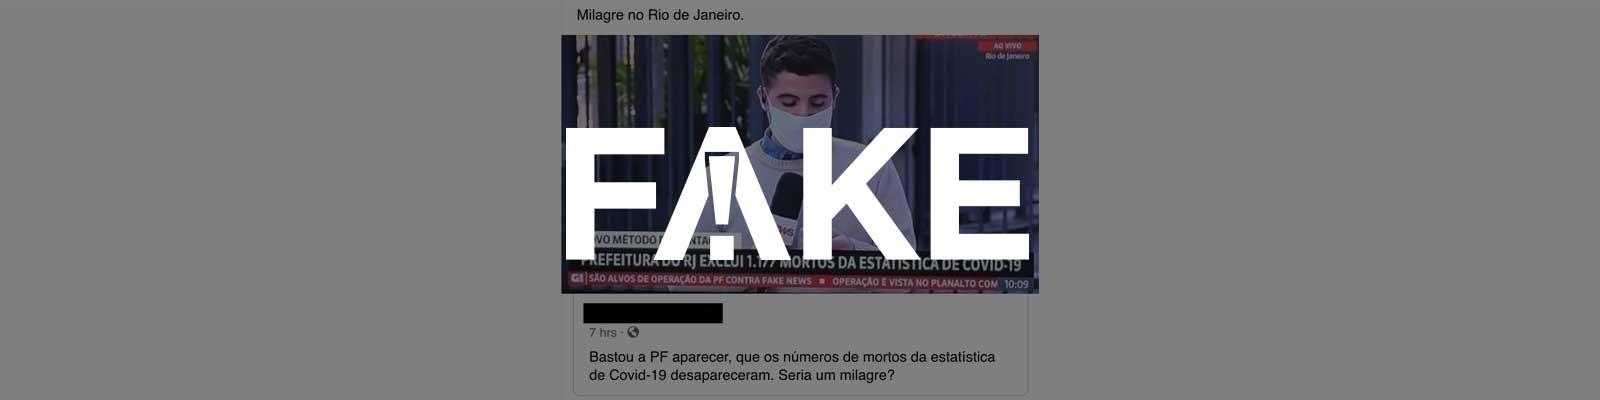 É #FAKE que operação da PF fez cidade do Rio de Janeiro excluir 1,1 mil mortes por Covid-19 da estatística oficial